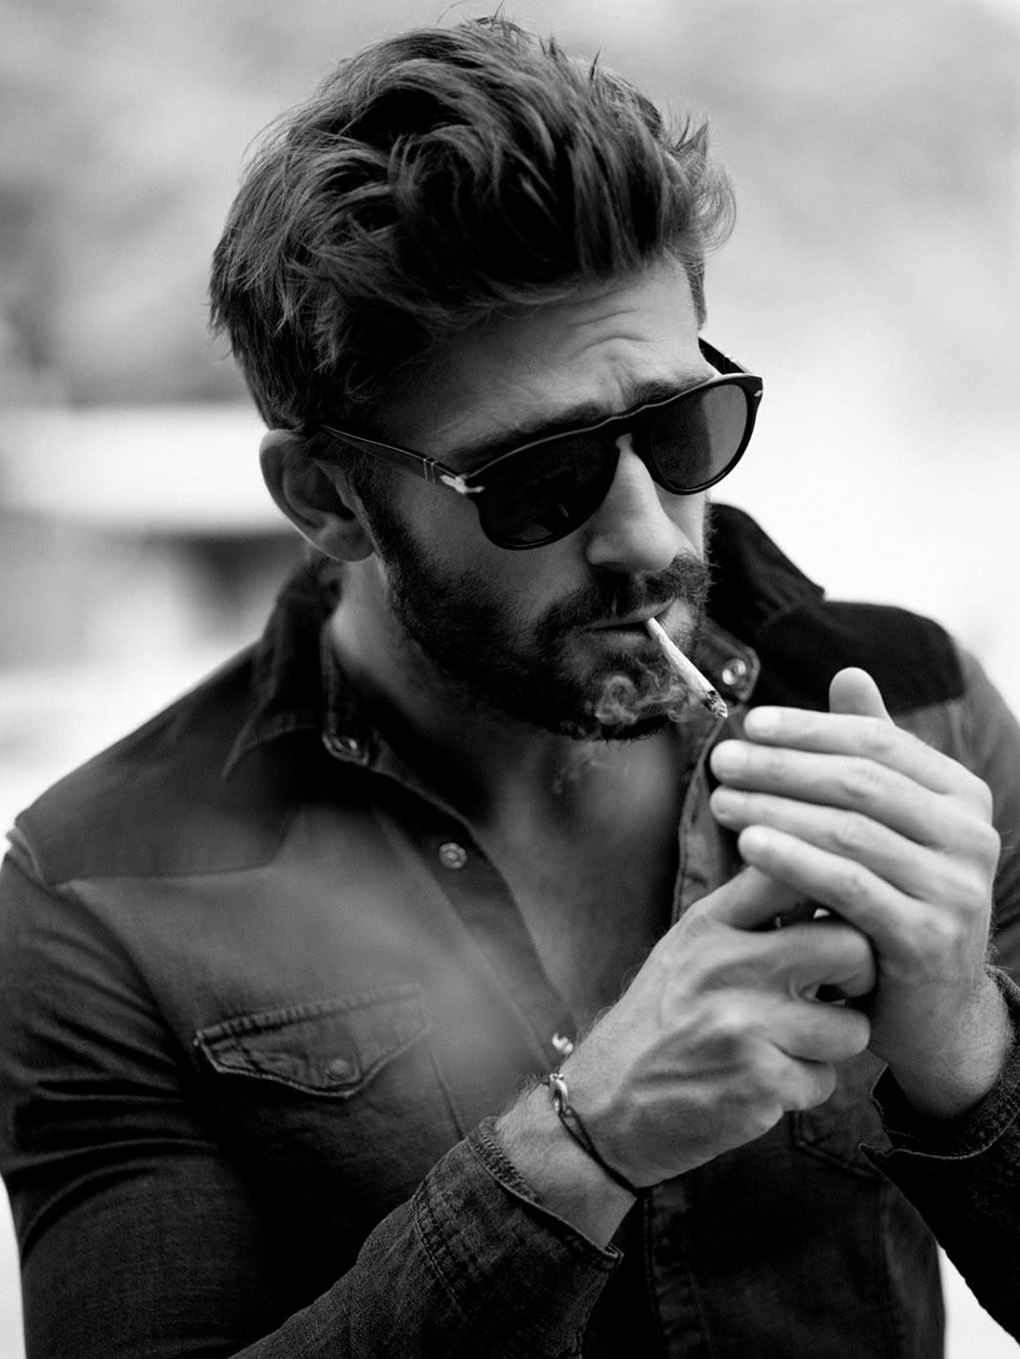 عکس سیگار ی , عکس سیگار رنگی دخترانه , عکس دختر تنها سیگار به دست